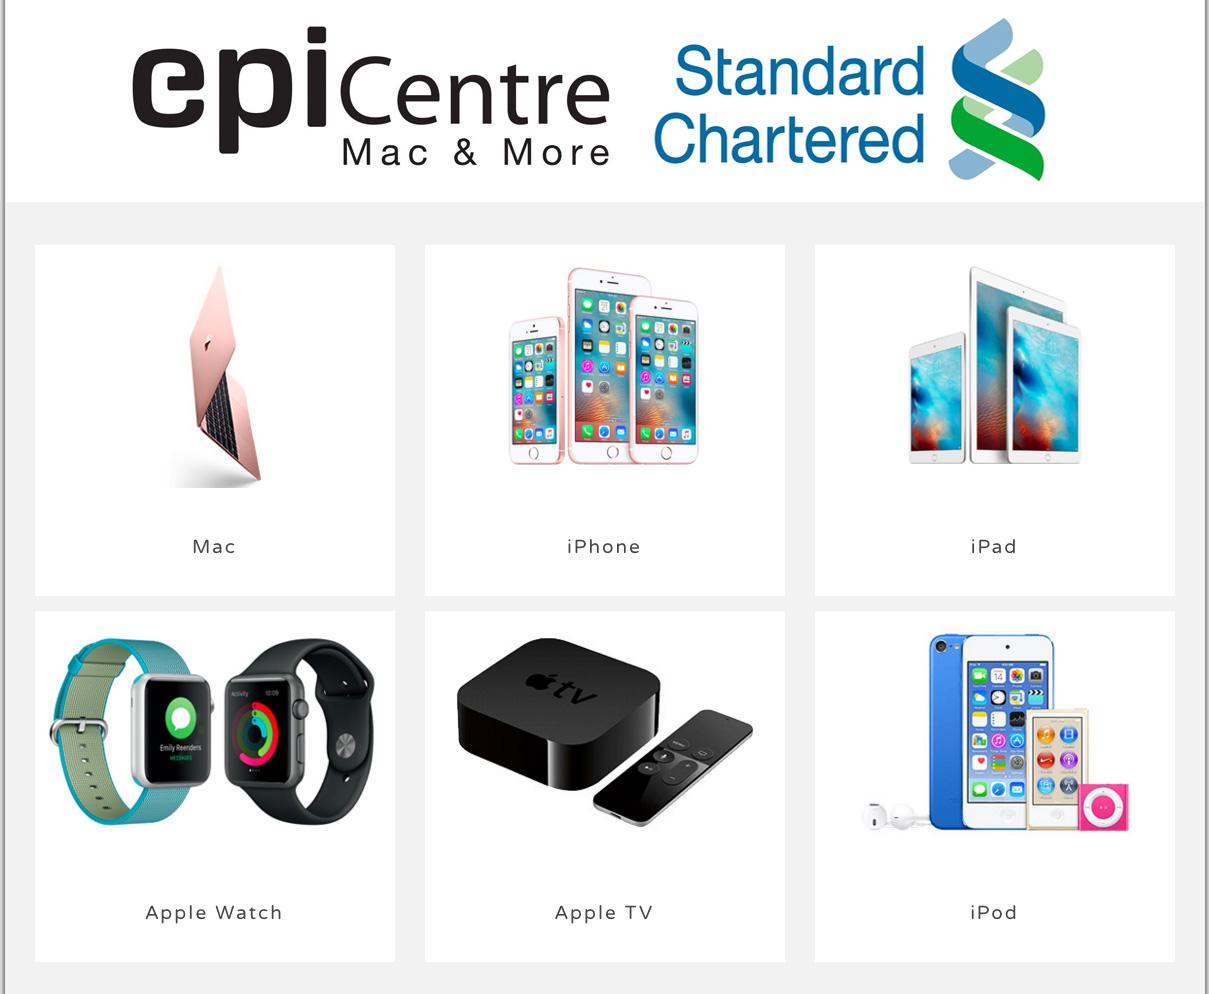 Stanchart-epicentre